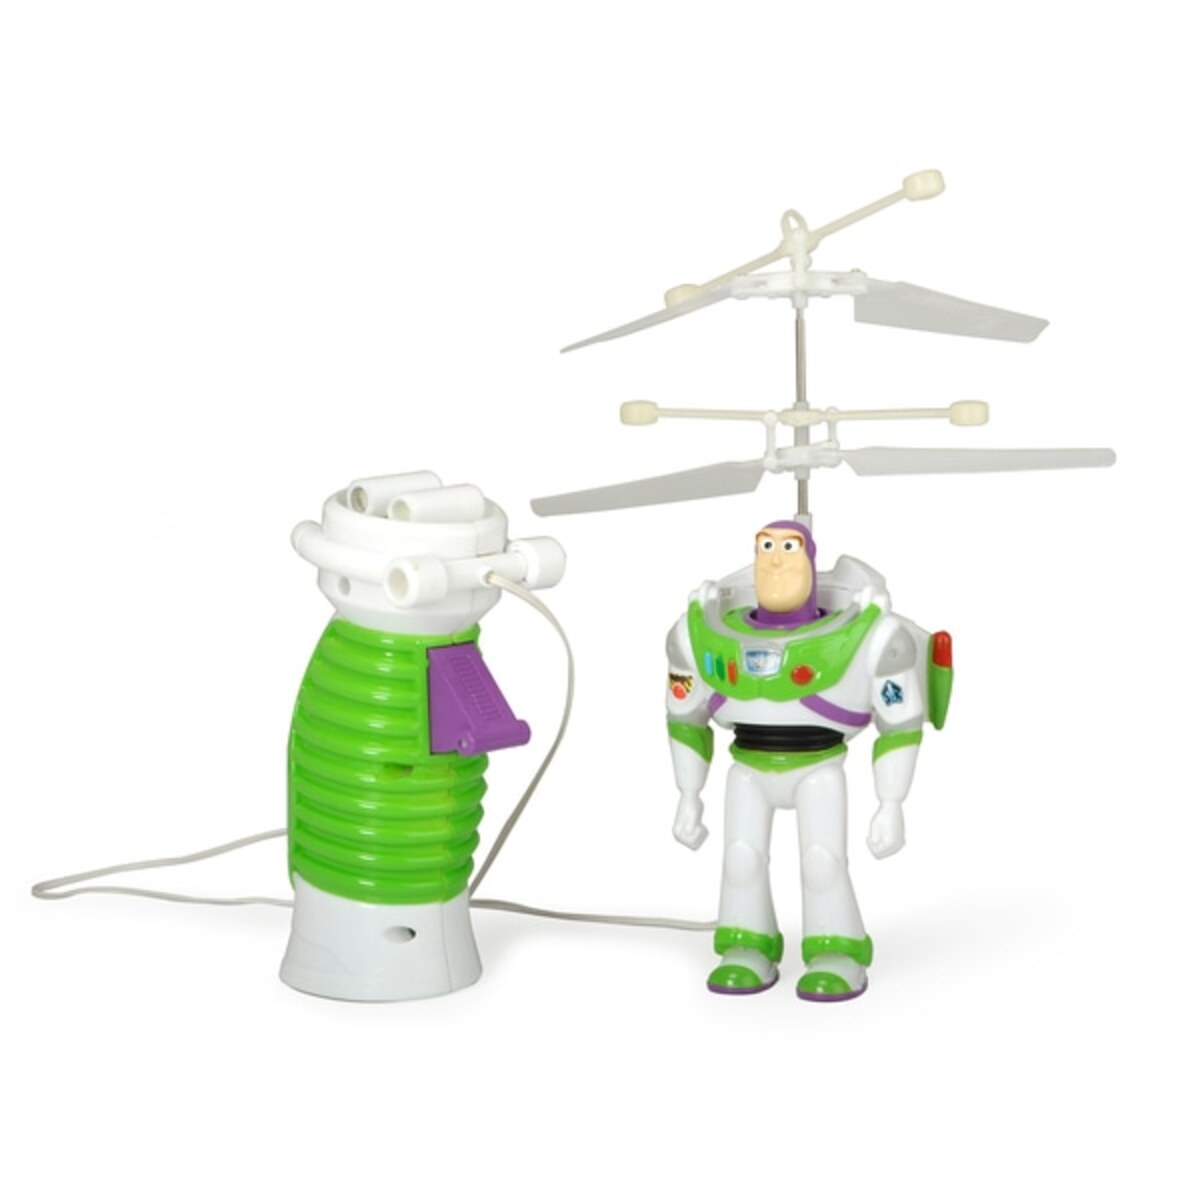 Bild 4 von Toy Story 4 - RC Fliegender Buzz